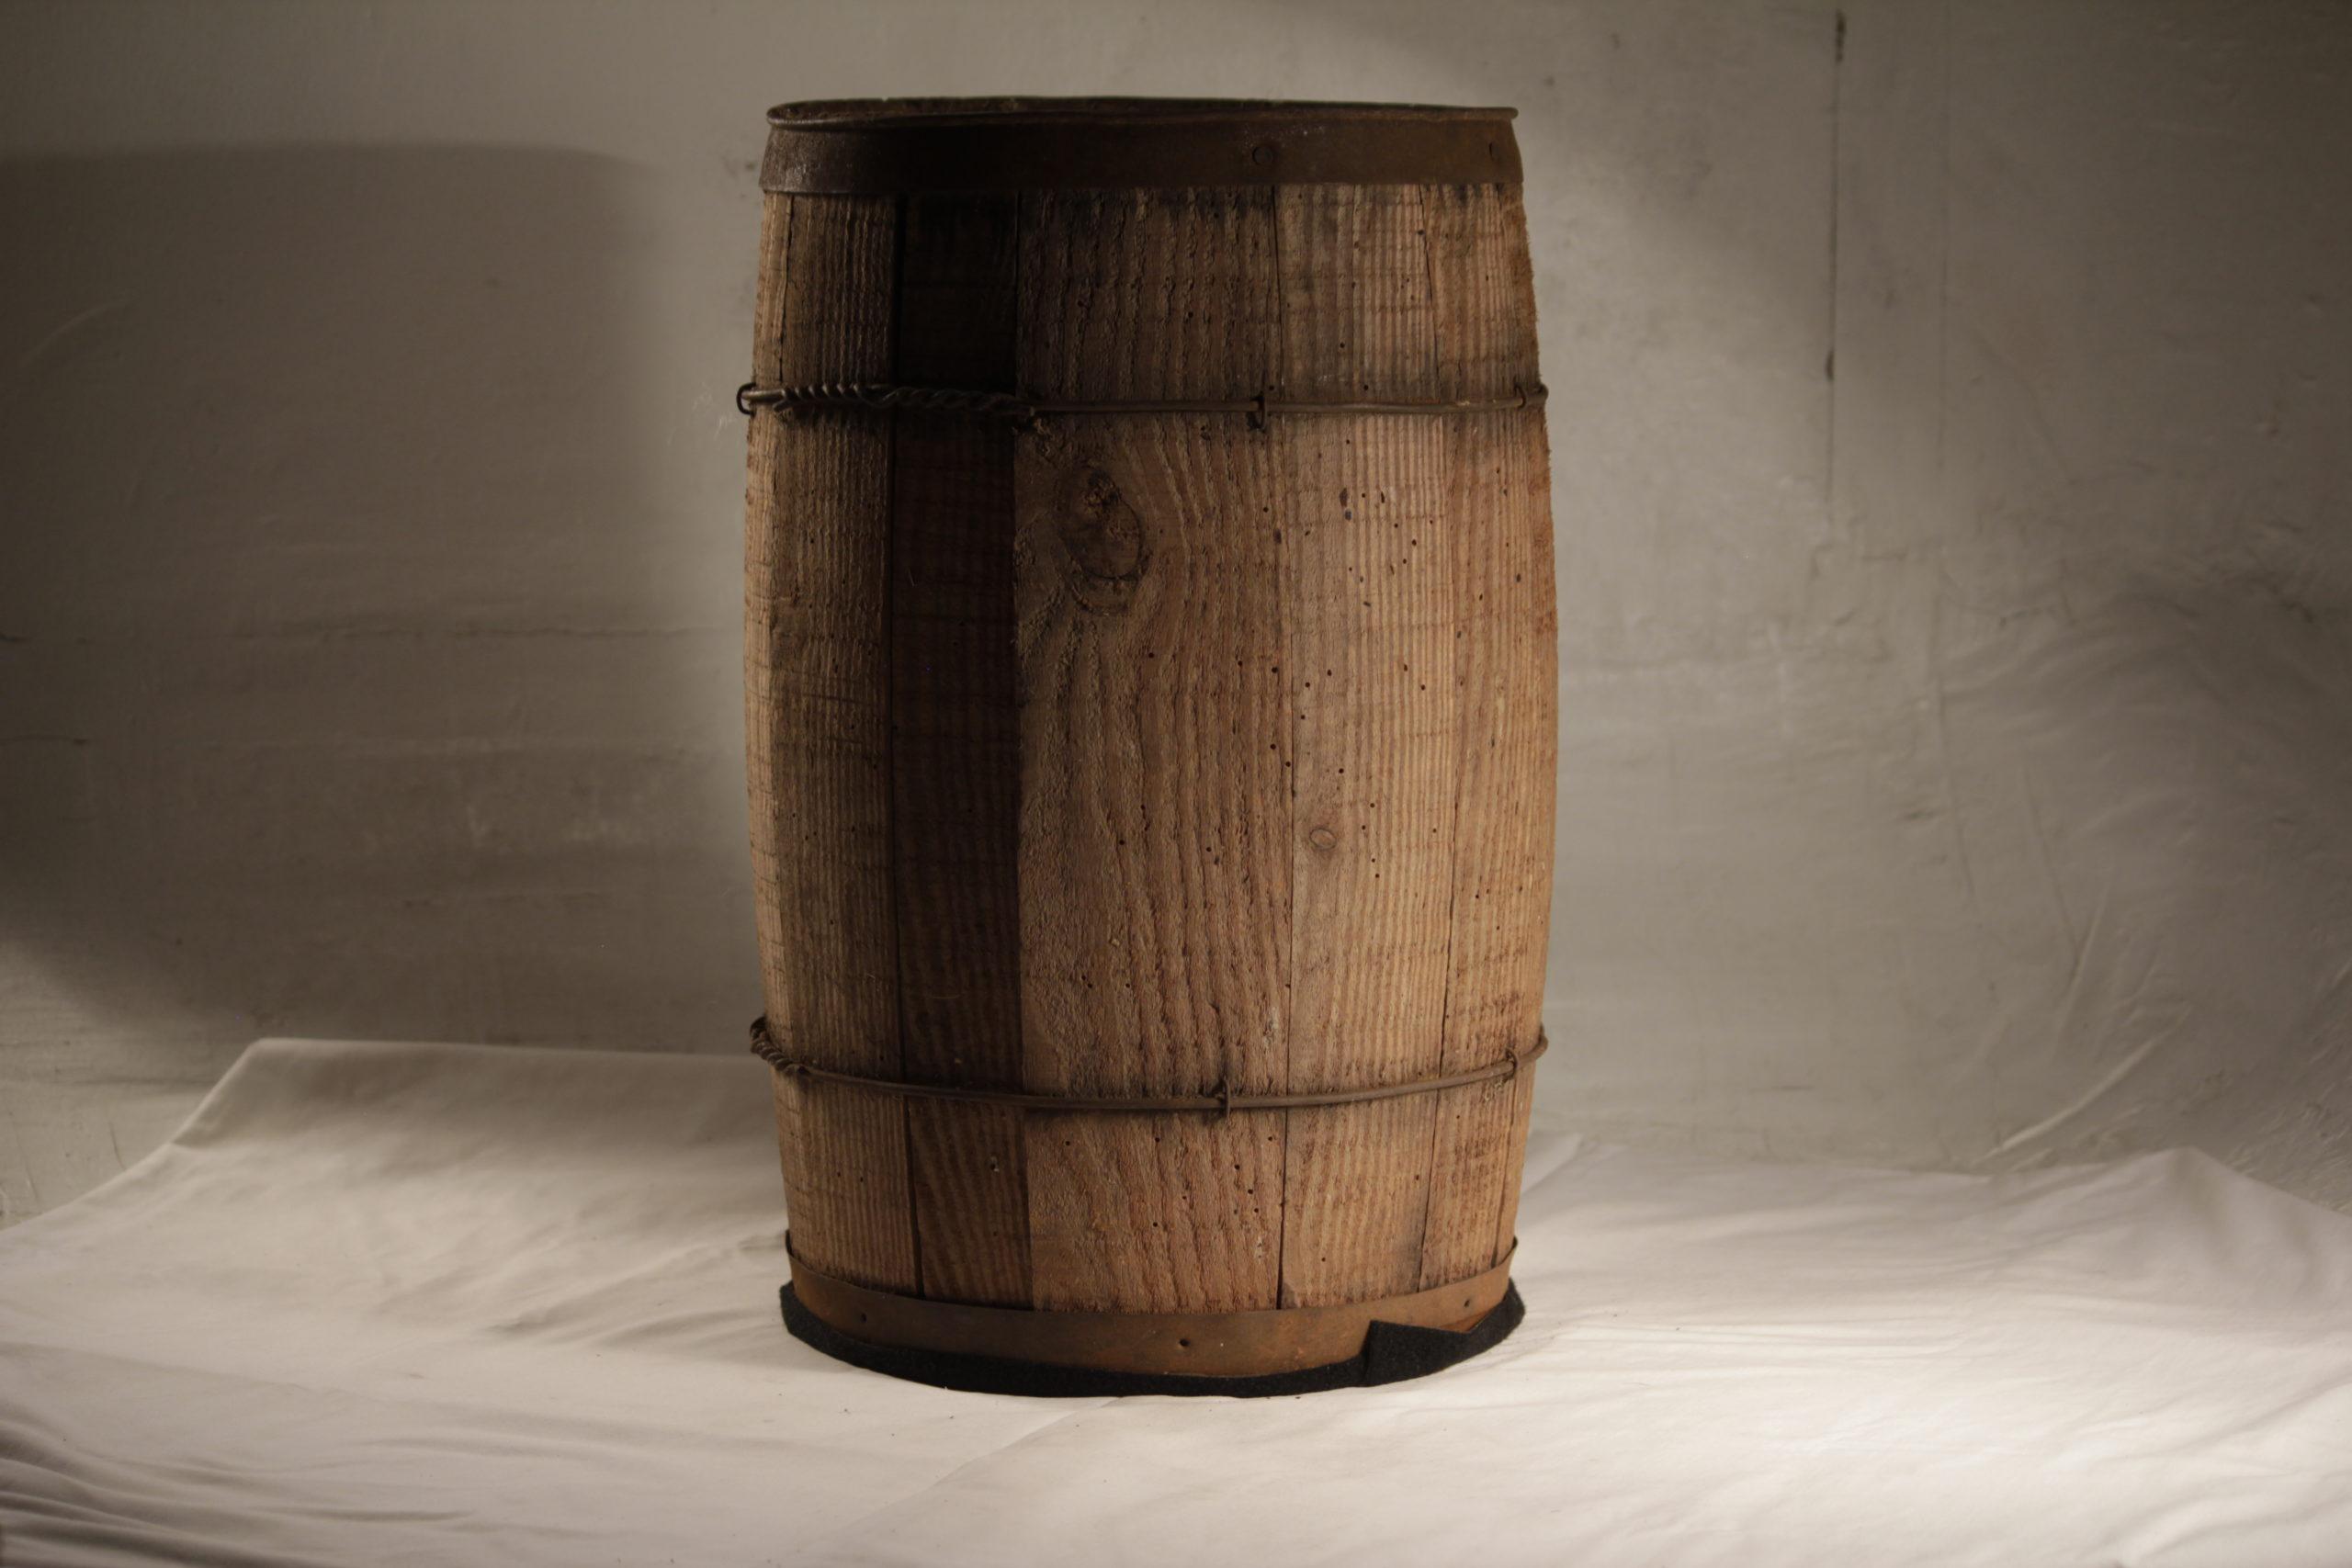 Barrel, small wooden tan